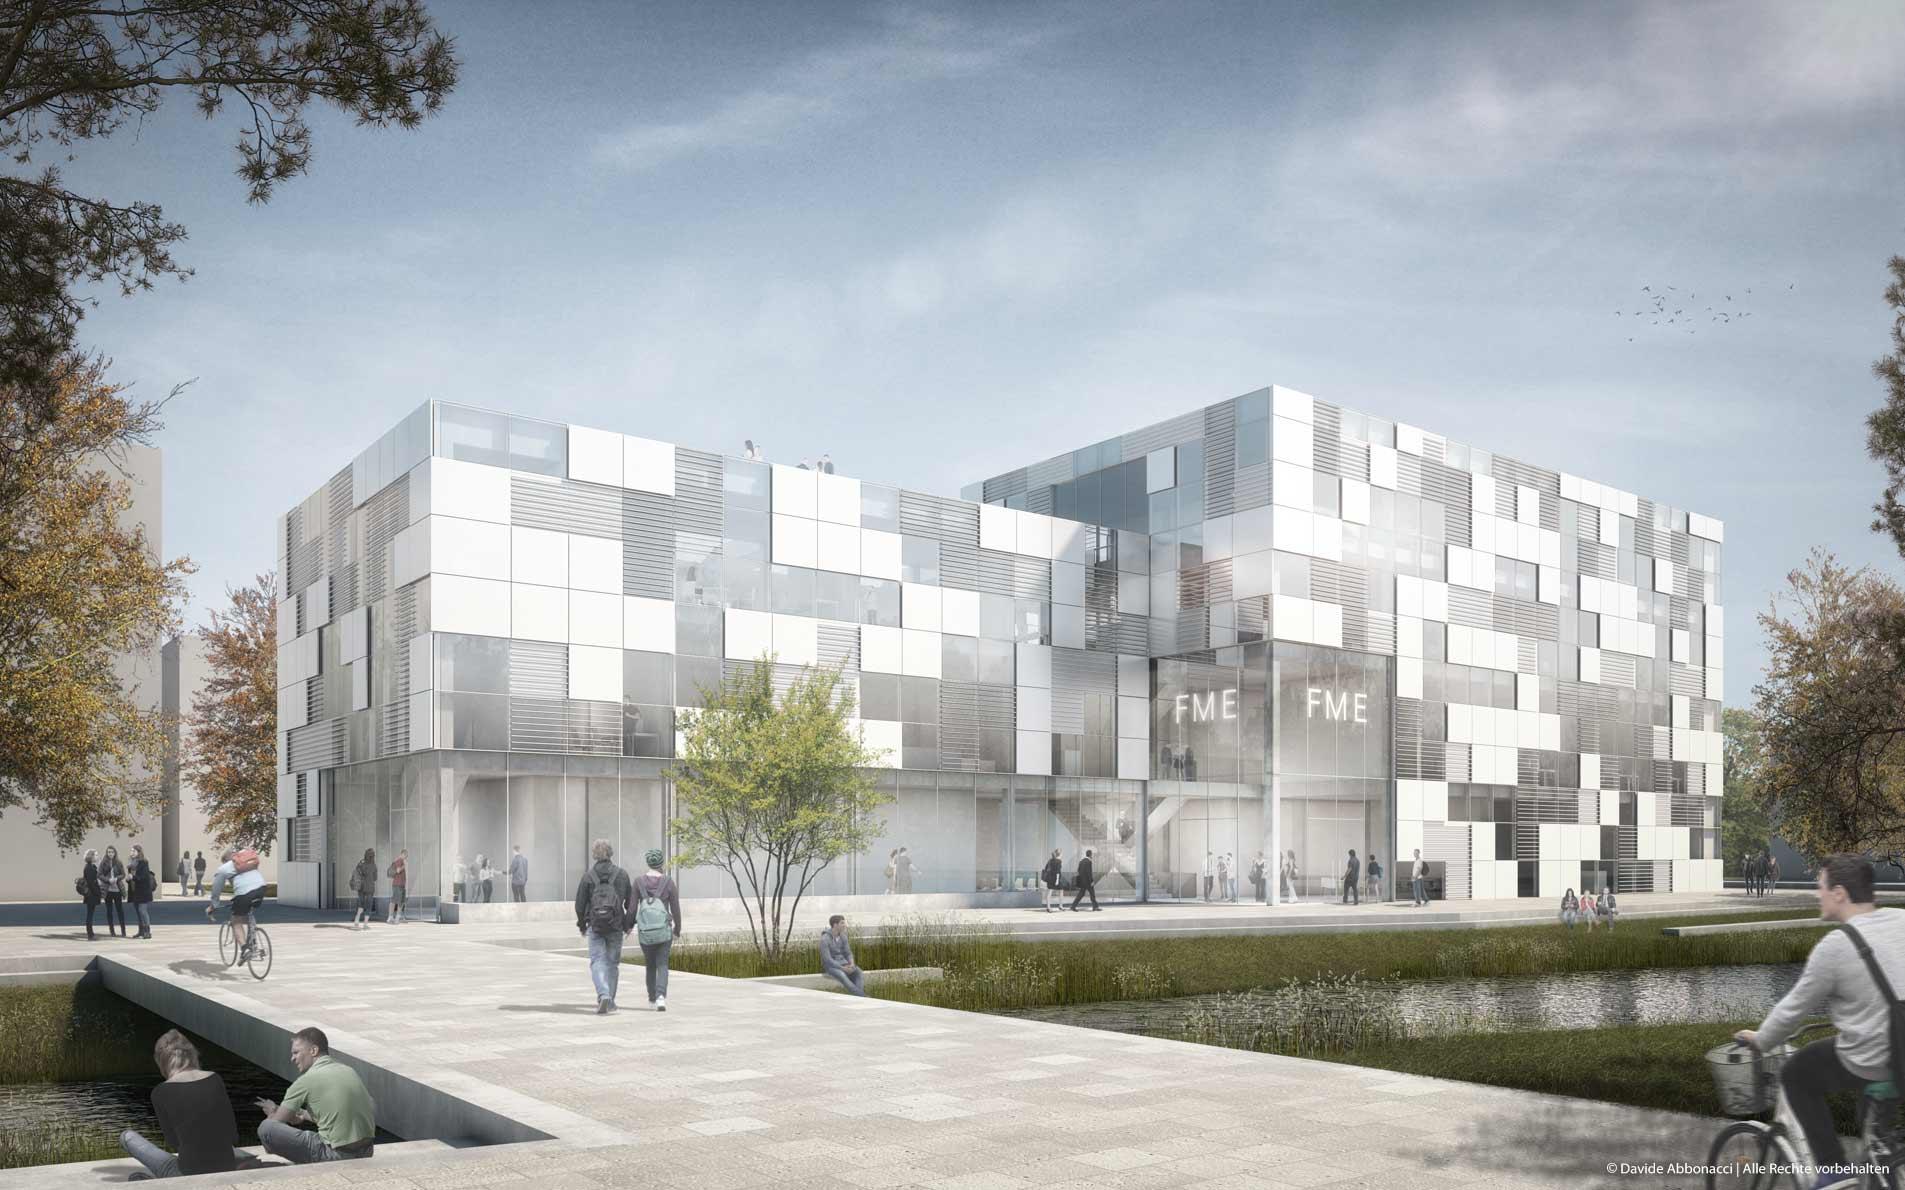 Neubau des Fachbereichs Maschinenbau und Energietechnik (ME) THM, Gießen | Erchinger Wurfbaum Architekten | 2015 Wettbewerbsvisualisierung